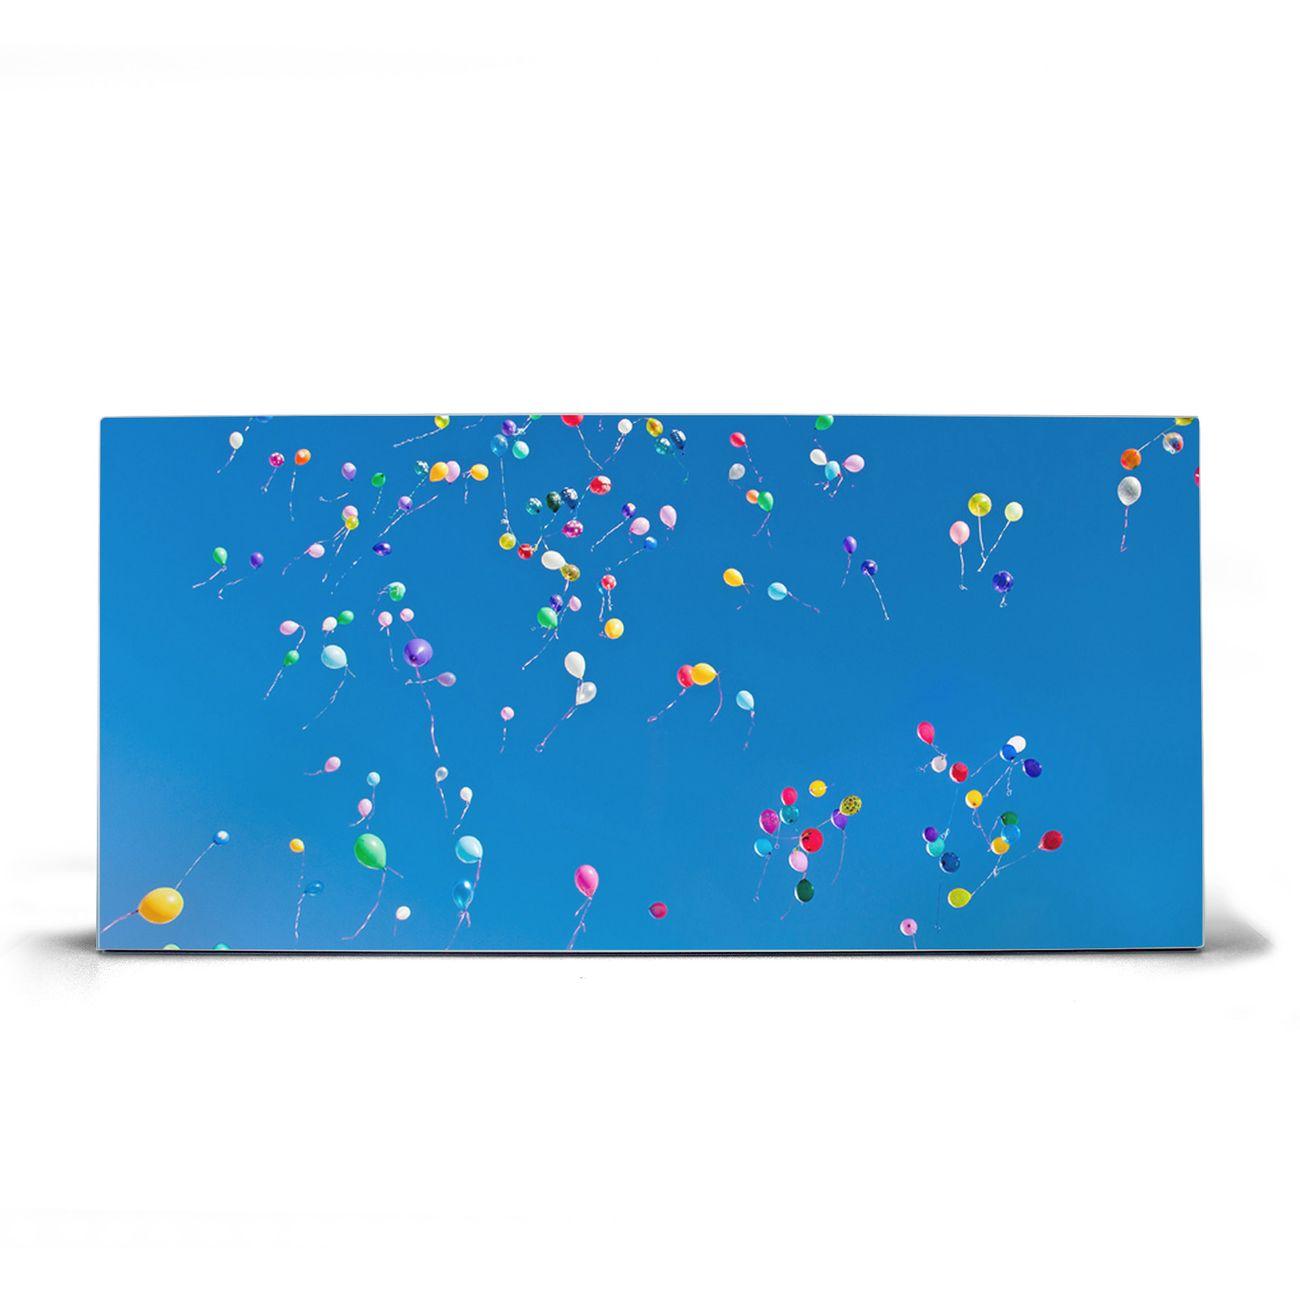 Magnettafel silber Querformat Bunte Luftballons